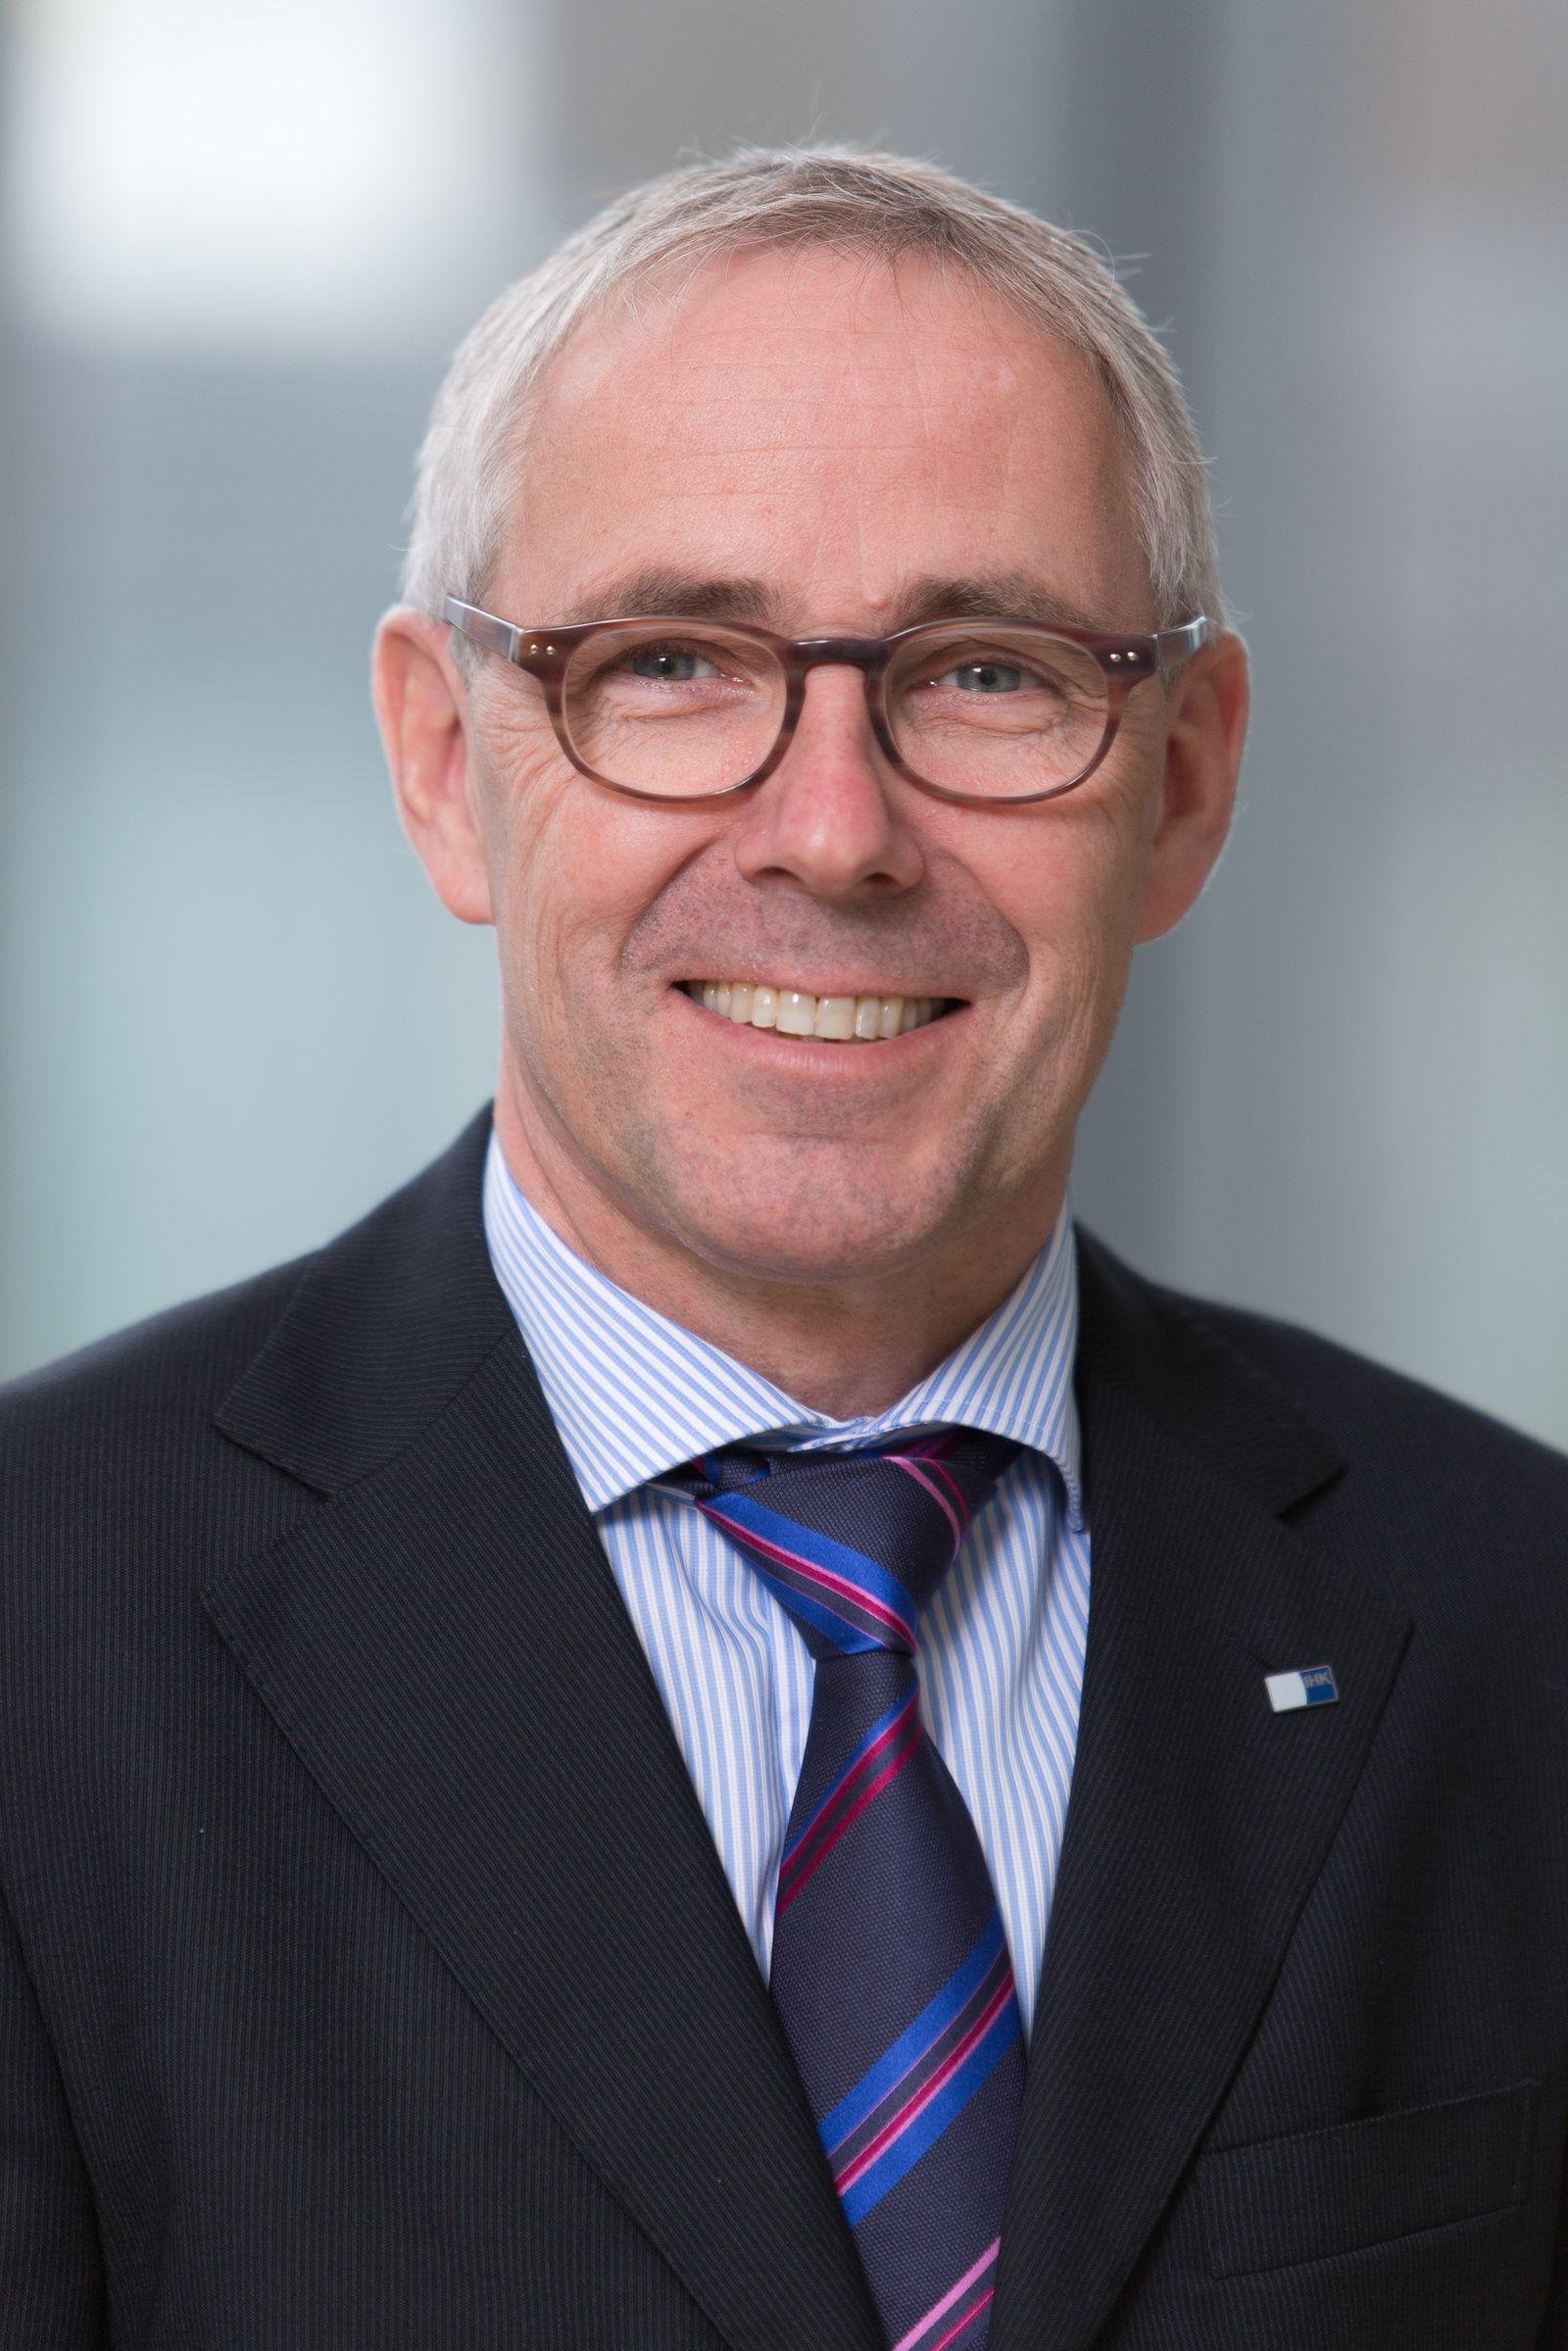 Peter Adrian